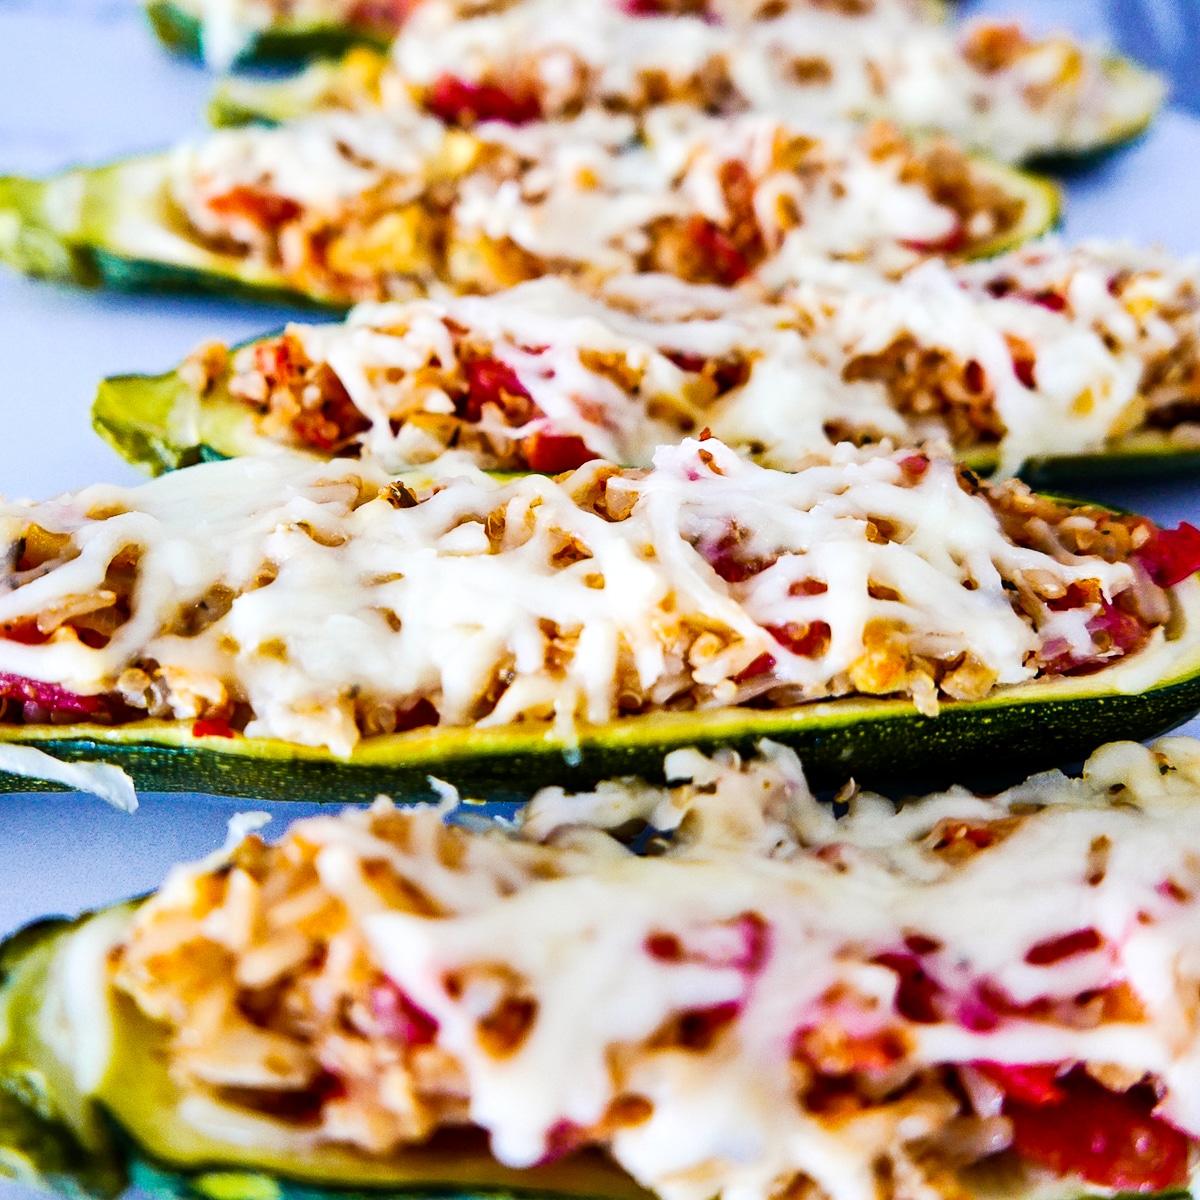 rice stuffed zucchini boats topped with mozzarella